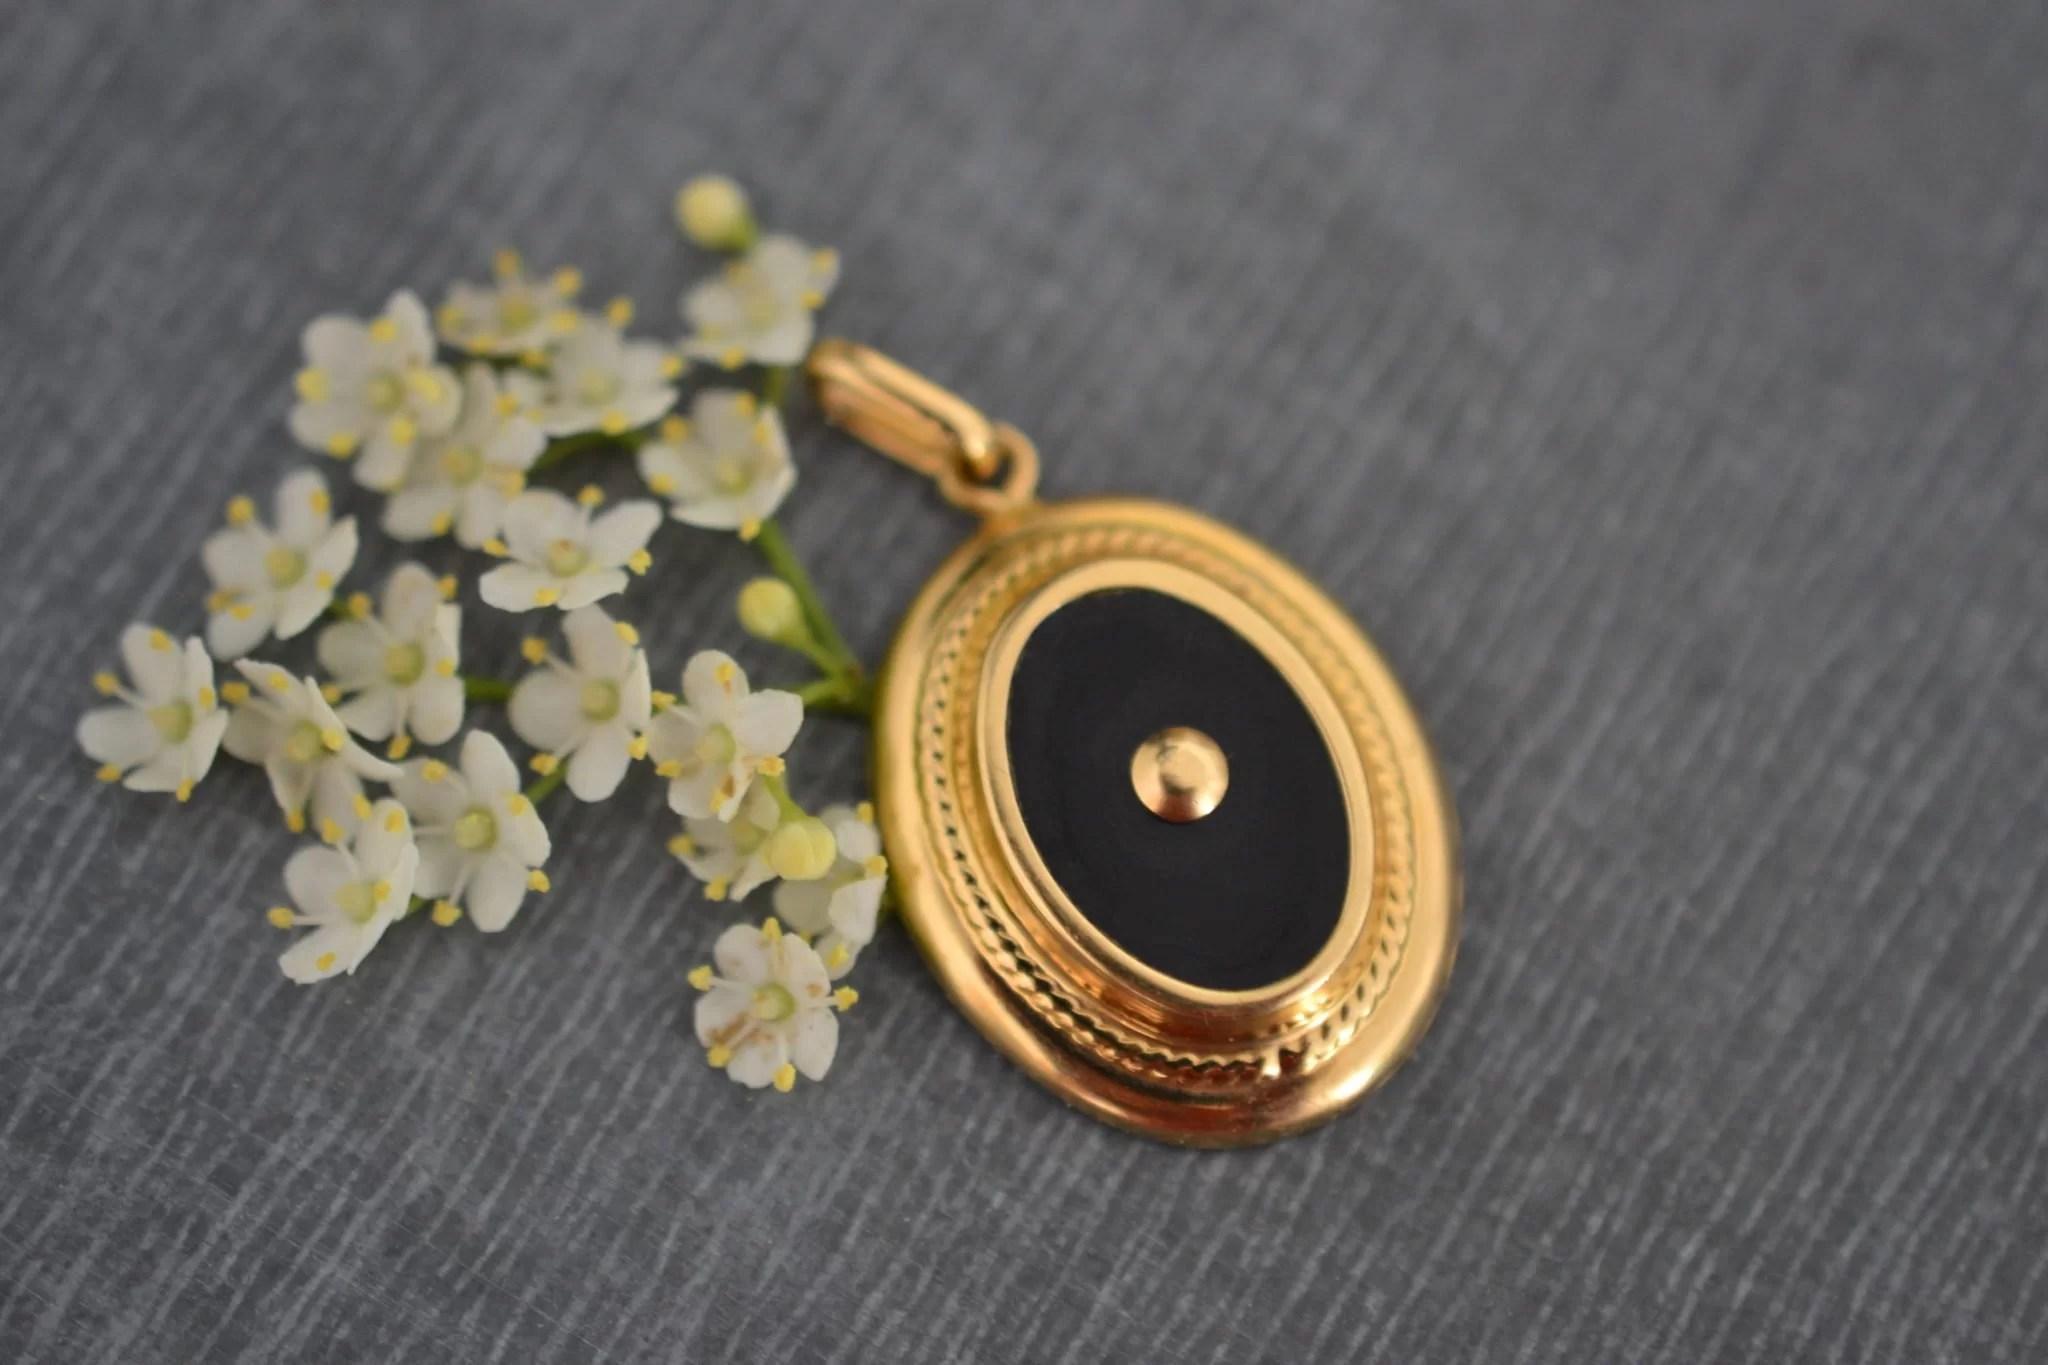 Pendentif ancien or et onyx - bijoux en or 18 carats - bijoux anciens éthiques - un bijou vintage de seconde main